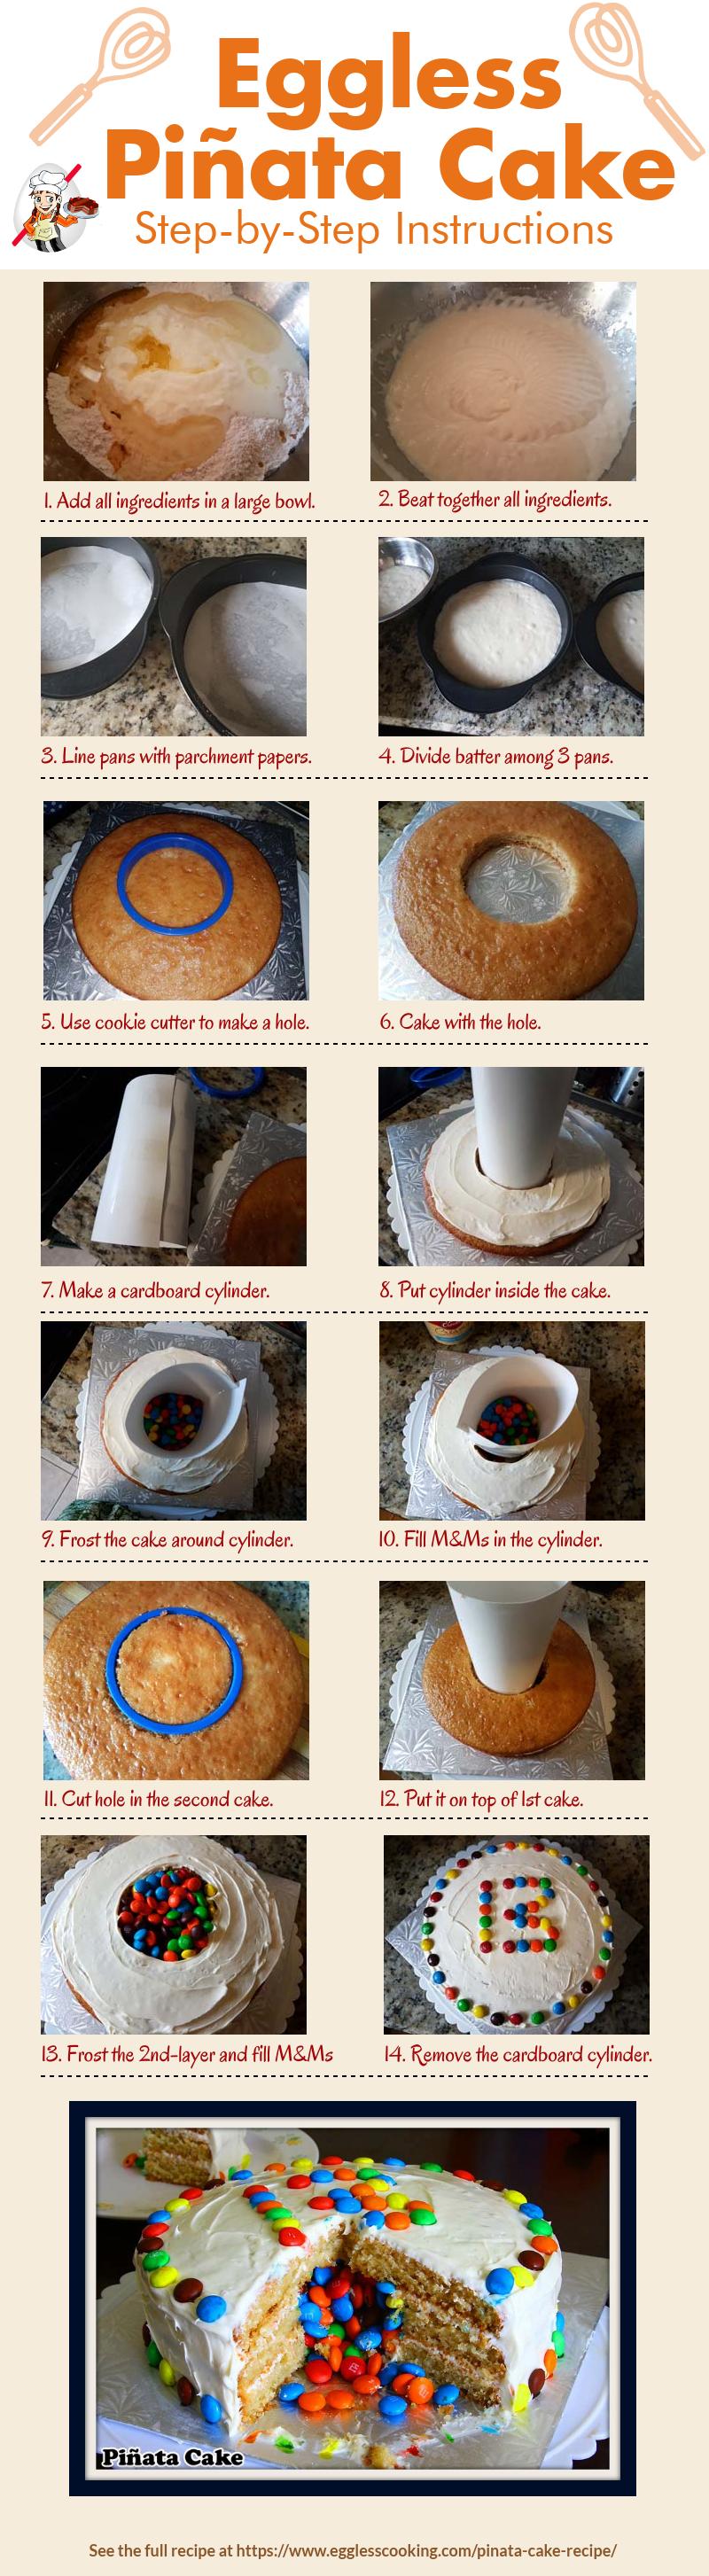 Eggless Piñata Cake